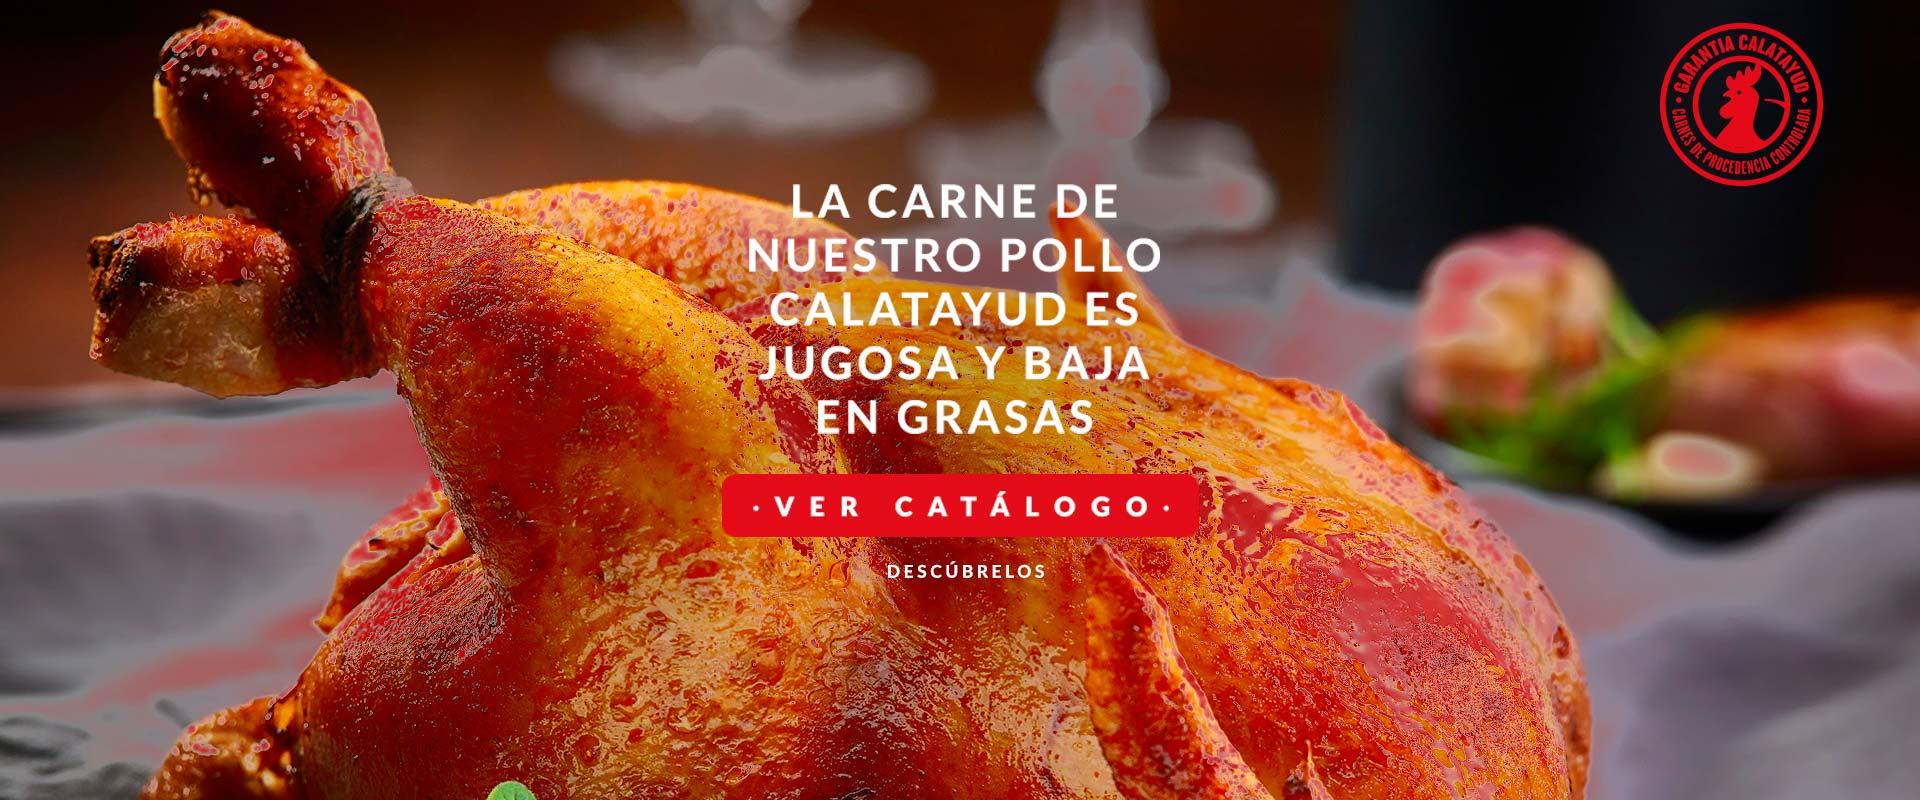 Proveedores de pollo y pavo Calatayud